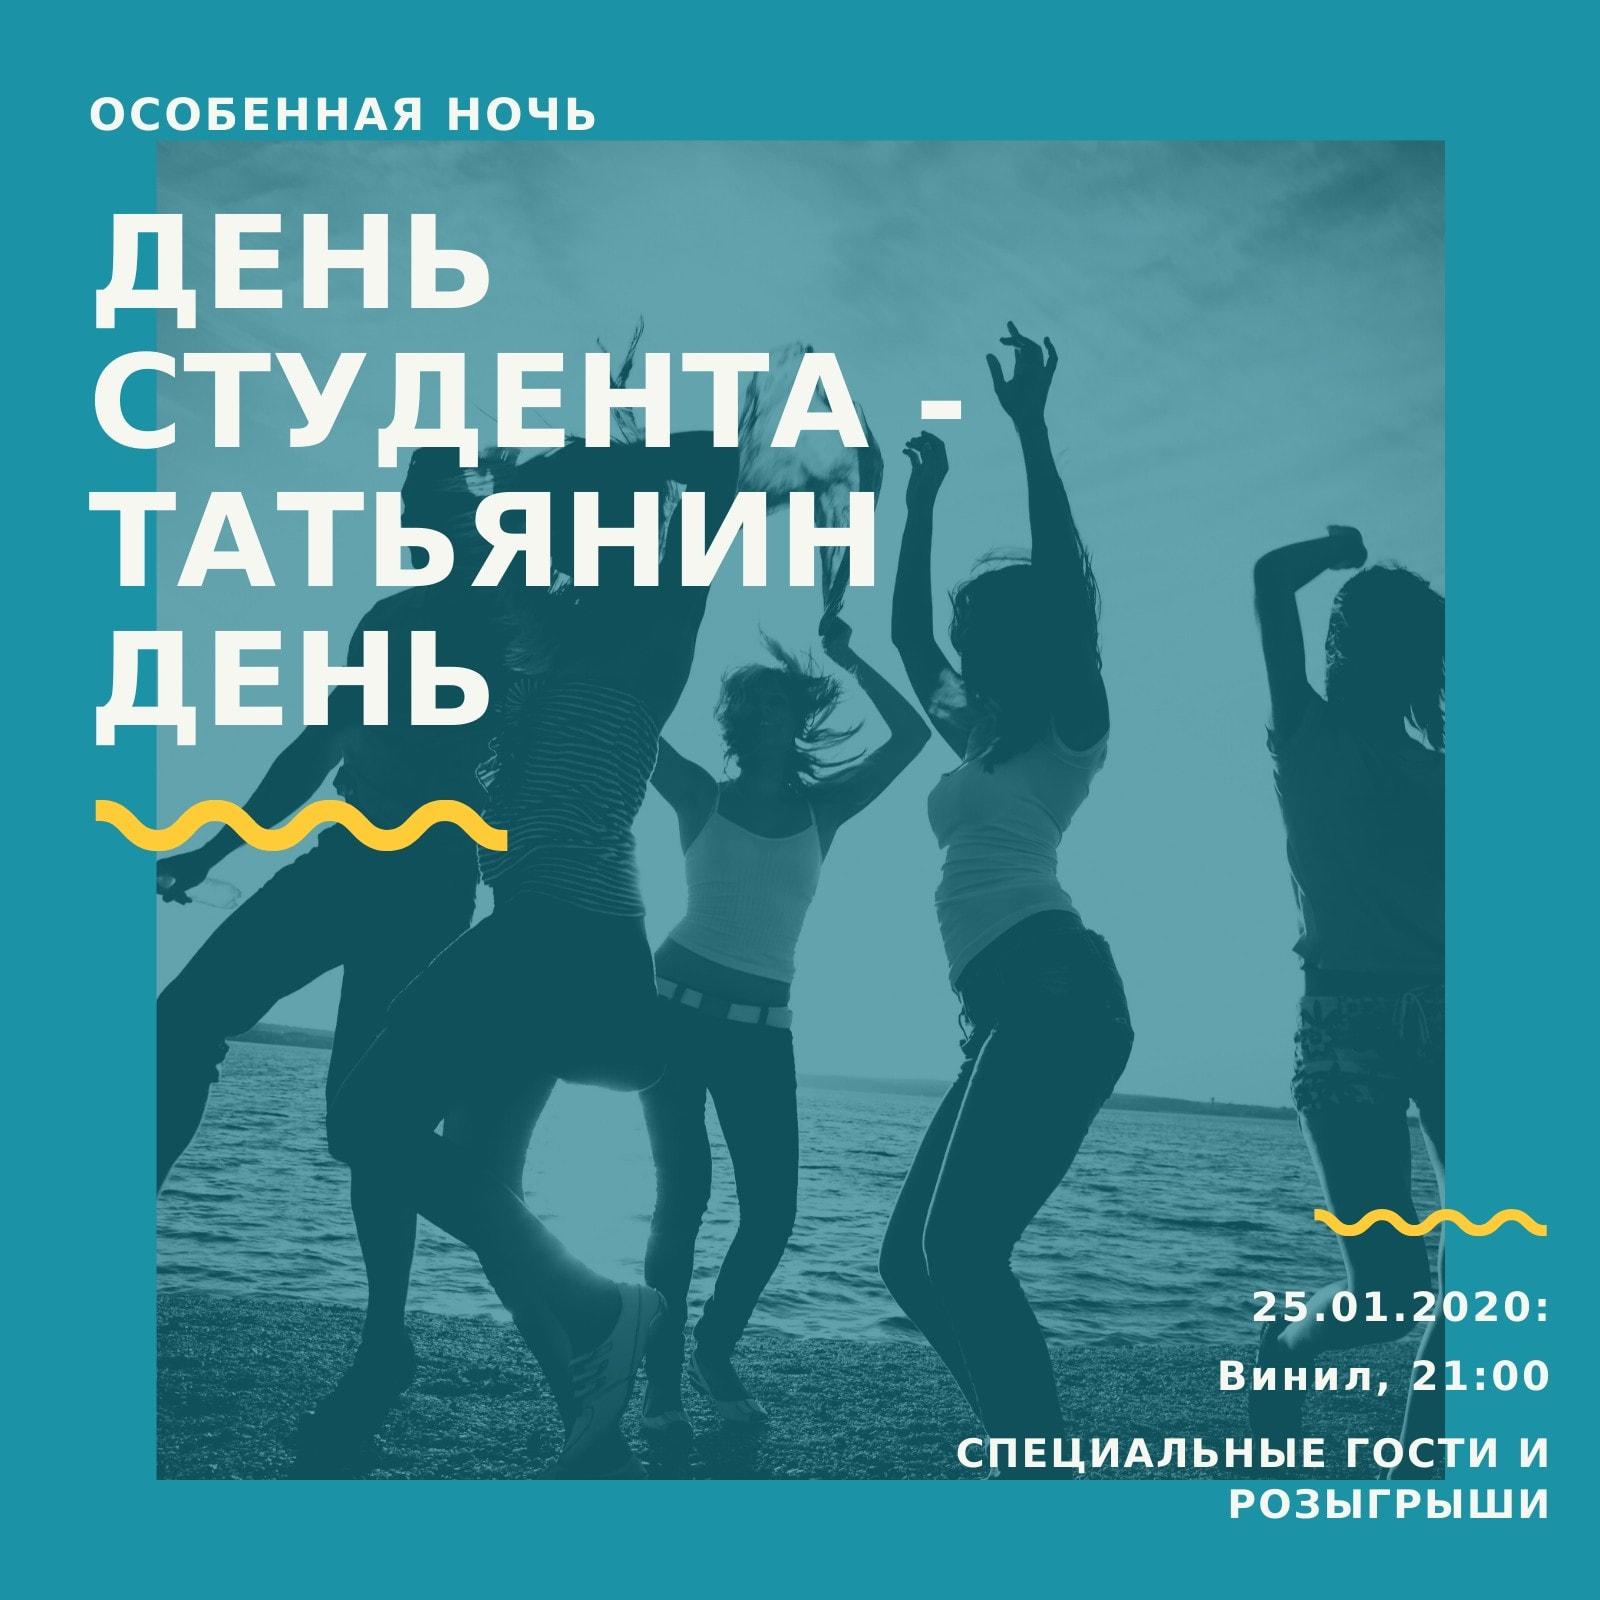 Пригласительный на День студента и Татьянин день с фотографией молодых людей